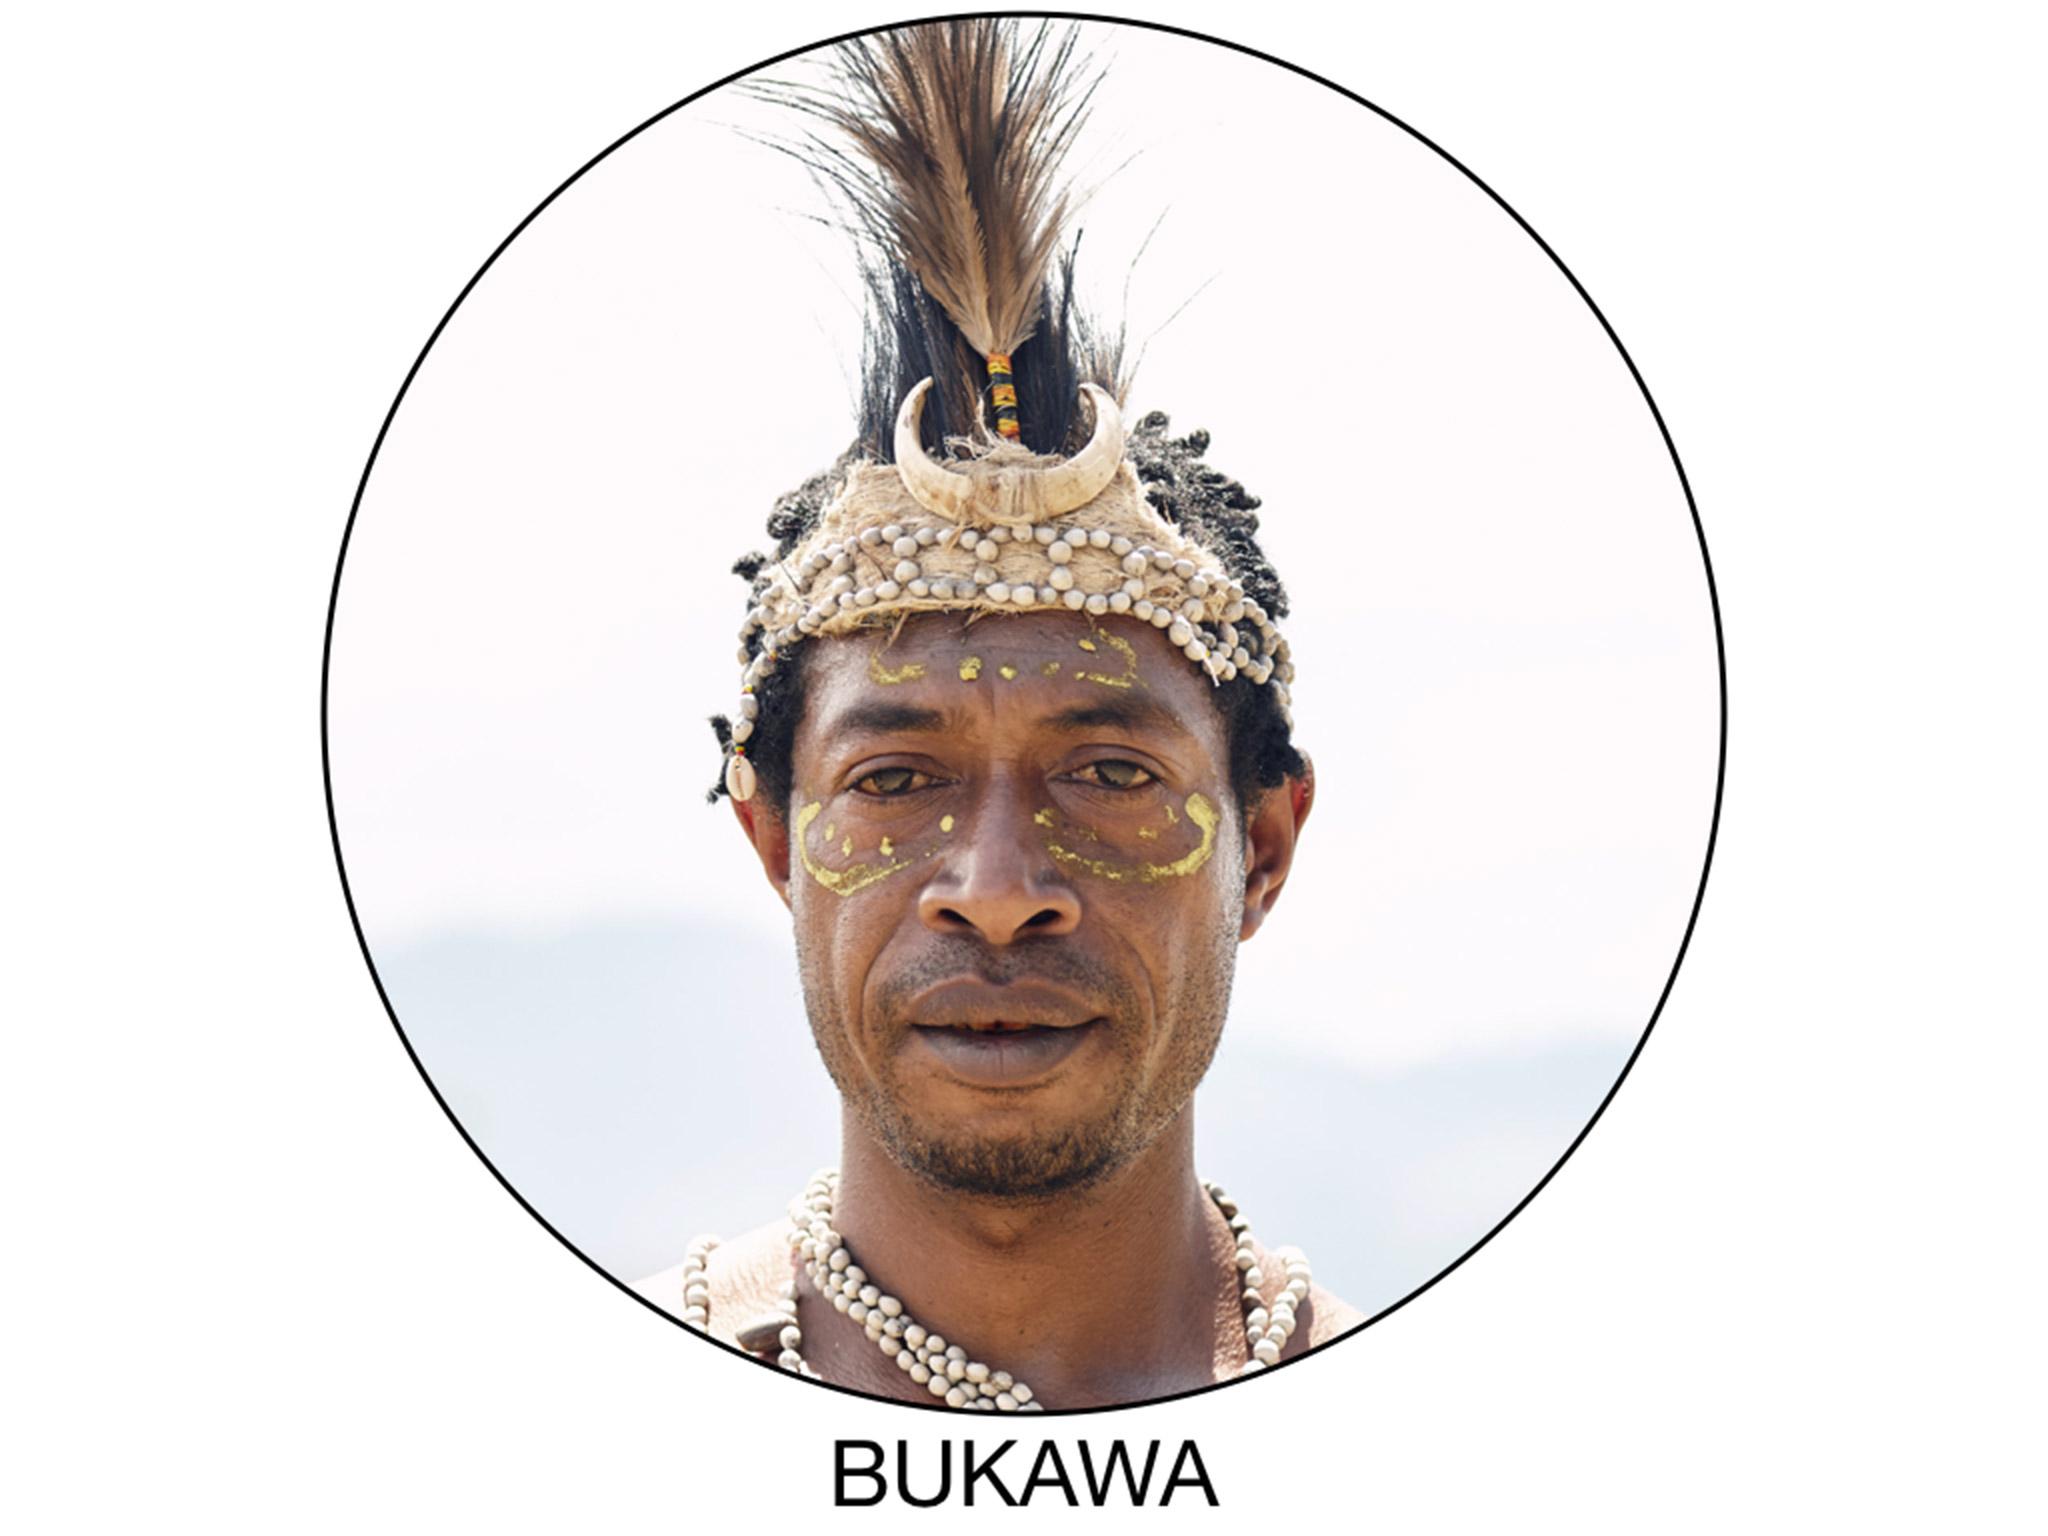 Bukawa-warrior-headshot.jpg